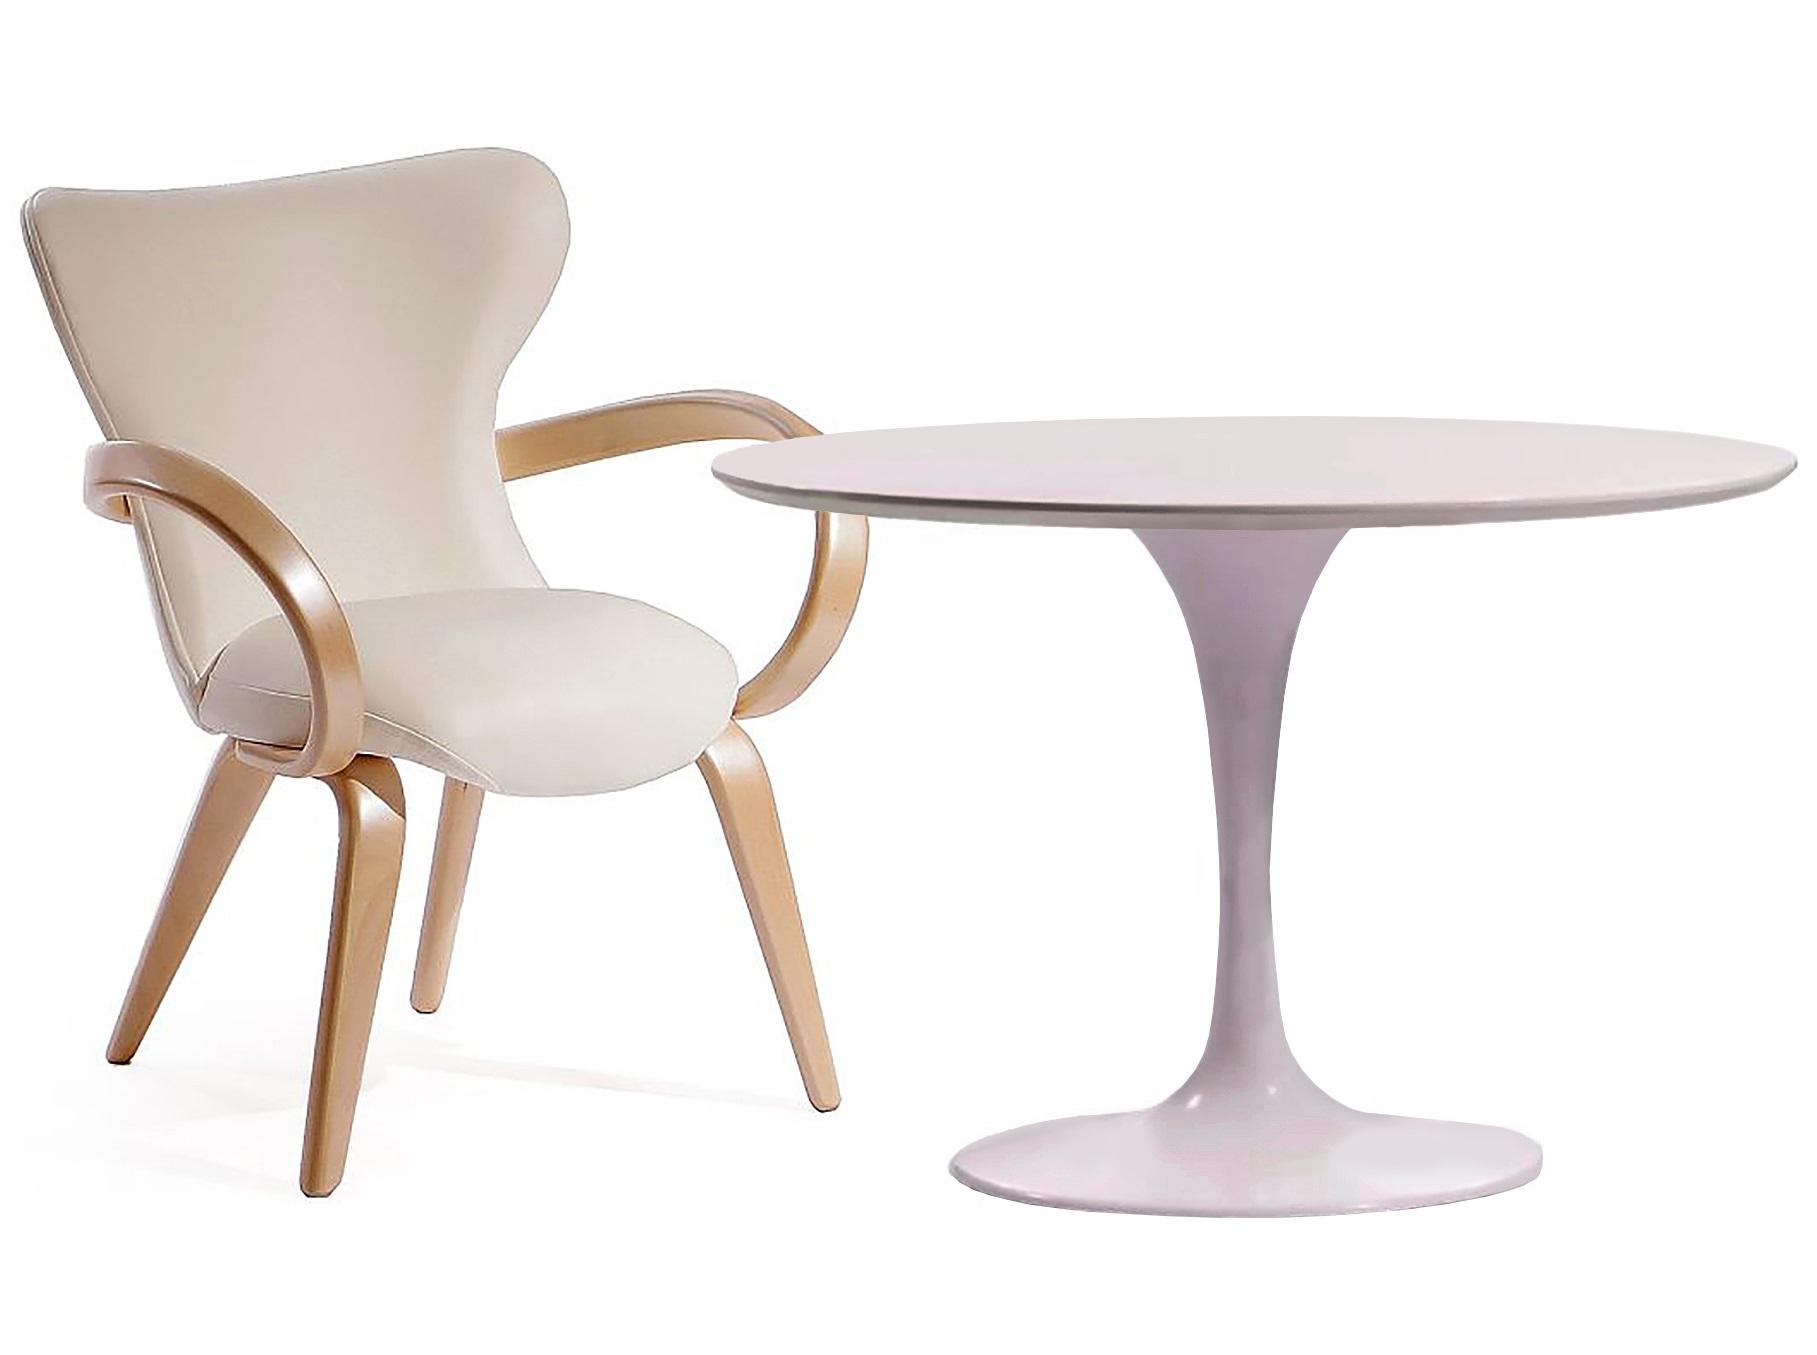 Обеденная группа Apriori TКомплекты для столовой<br>Обеденный круглый стол с лаконичным основанием из акрилового камня. <br>Стол в комплекте со стульями серии  &amp;quot;априори S&amp;quot;. Такой яркий деревянный стул будет актуален для современного интерьера или стиля лофт. Он отлично подойдёт для дома, лоджии, сада, а также для кафе и баров.&amp;amp;nbsp;&amp;lt;div&amp;gt;&amp;lt;br&amp;gt;&amp;lt;/div&amp;gt;&amp;lt;div&amp;gt;Размеры стола : 90/77 см.&amp;amp;nbsp;&amp;lt;/div&amp;gt;&amp;lt;div&amp;gt;Материал стола: акриловый камень&amp;amp;nbsp;&amp;lt;/div&amp;gt;&amp;lt;div&amp;gt;Размеры стула: 75х62х85см&amp;lt;/div&amp;gt;&amp;lt;div&amp;gt;Материал стула: массив березы&amp;lt;/div&amp;gt;&amp;lt;div&amp;gt;&amp;lt;br&amp;gt;&amp;lt;/div&amp;gt;<br><br>Material: Дерево<br>Ширина см: 62.0<br>Высота см: 85.0<br>Глубина см: 75.0